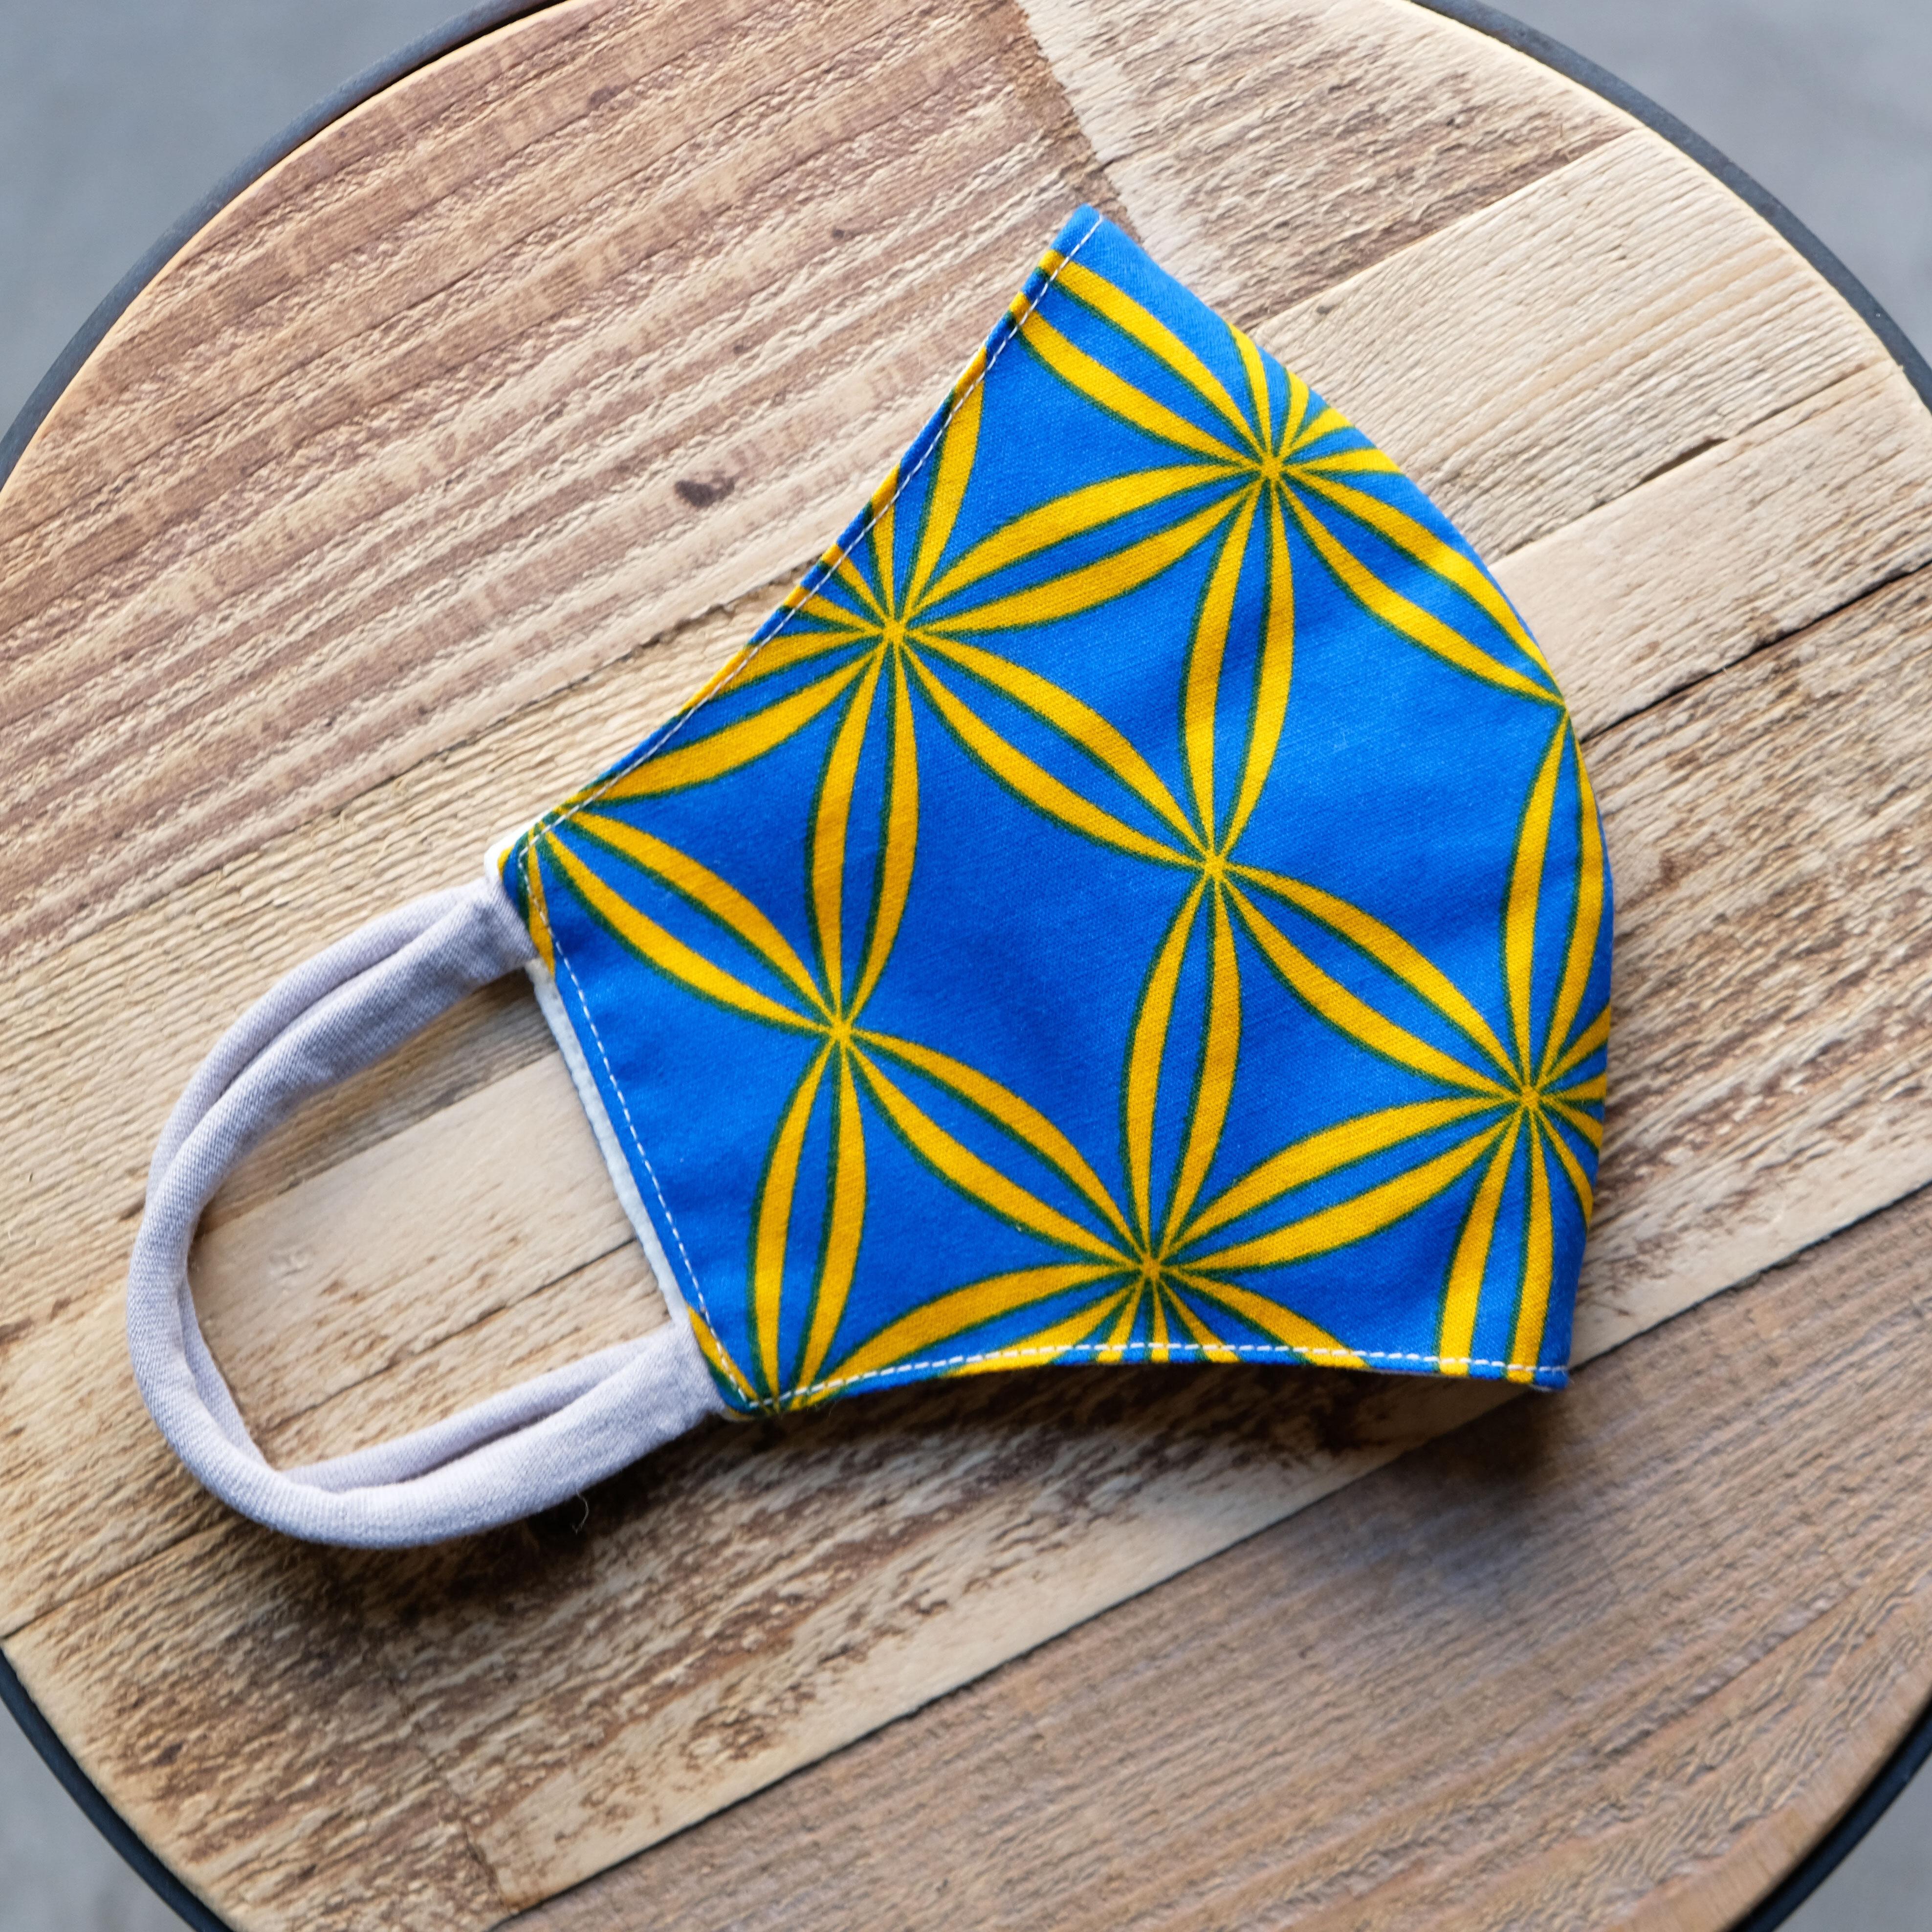 アフリカ布で作った銅繊維シート入りマスク/格子